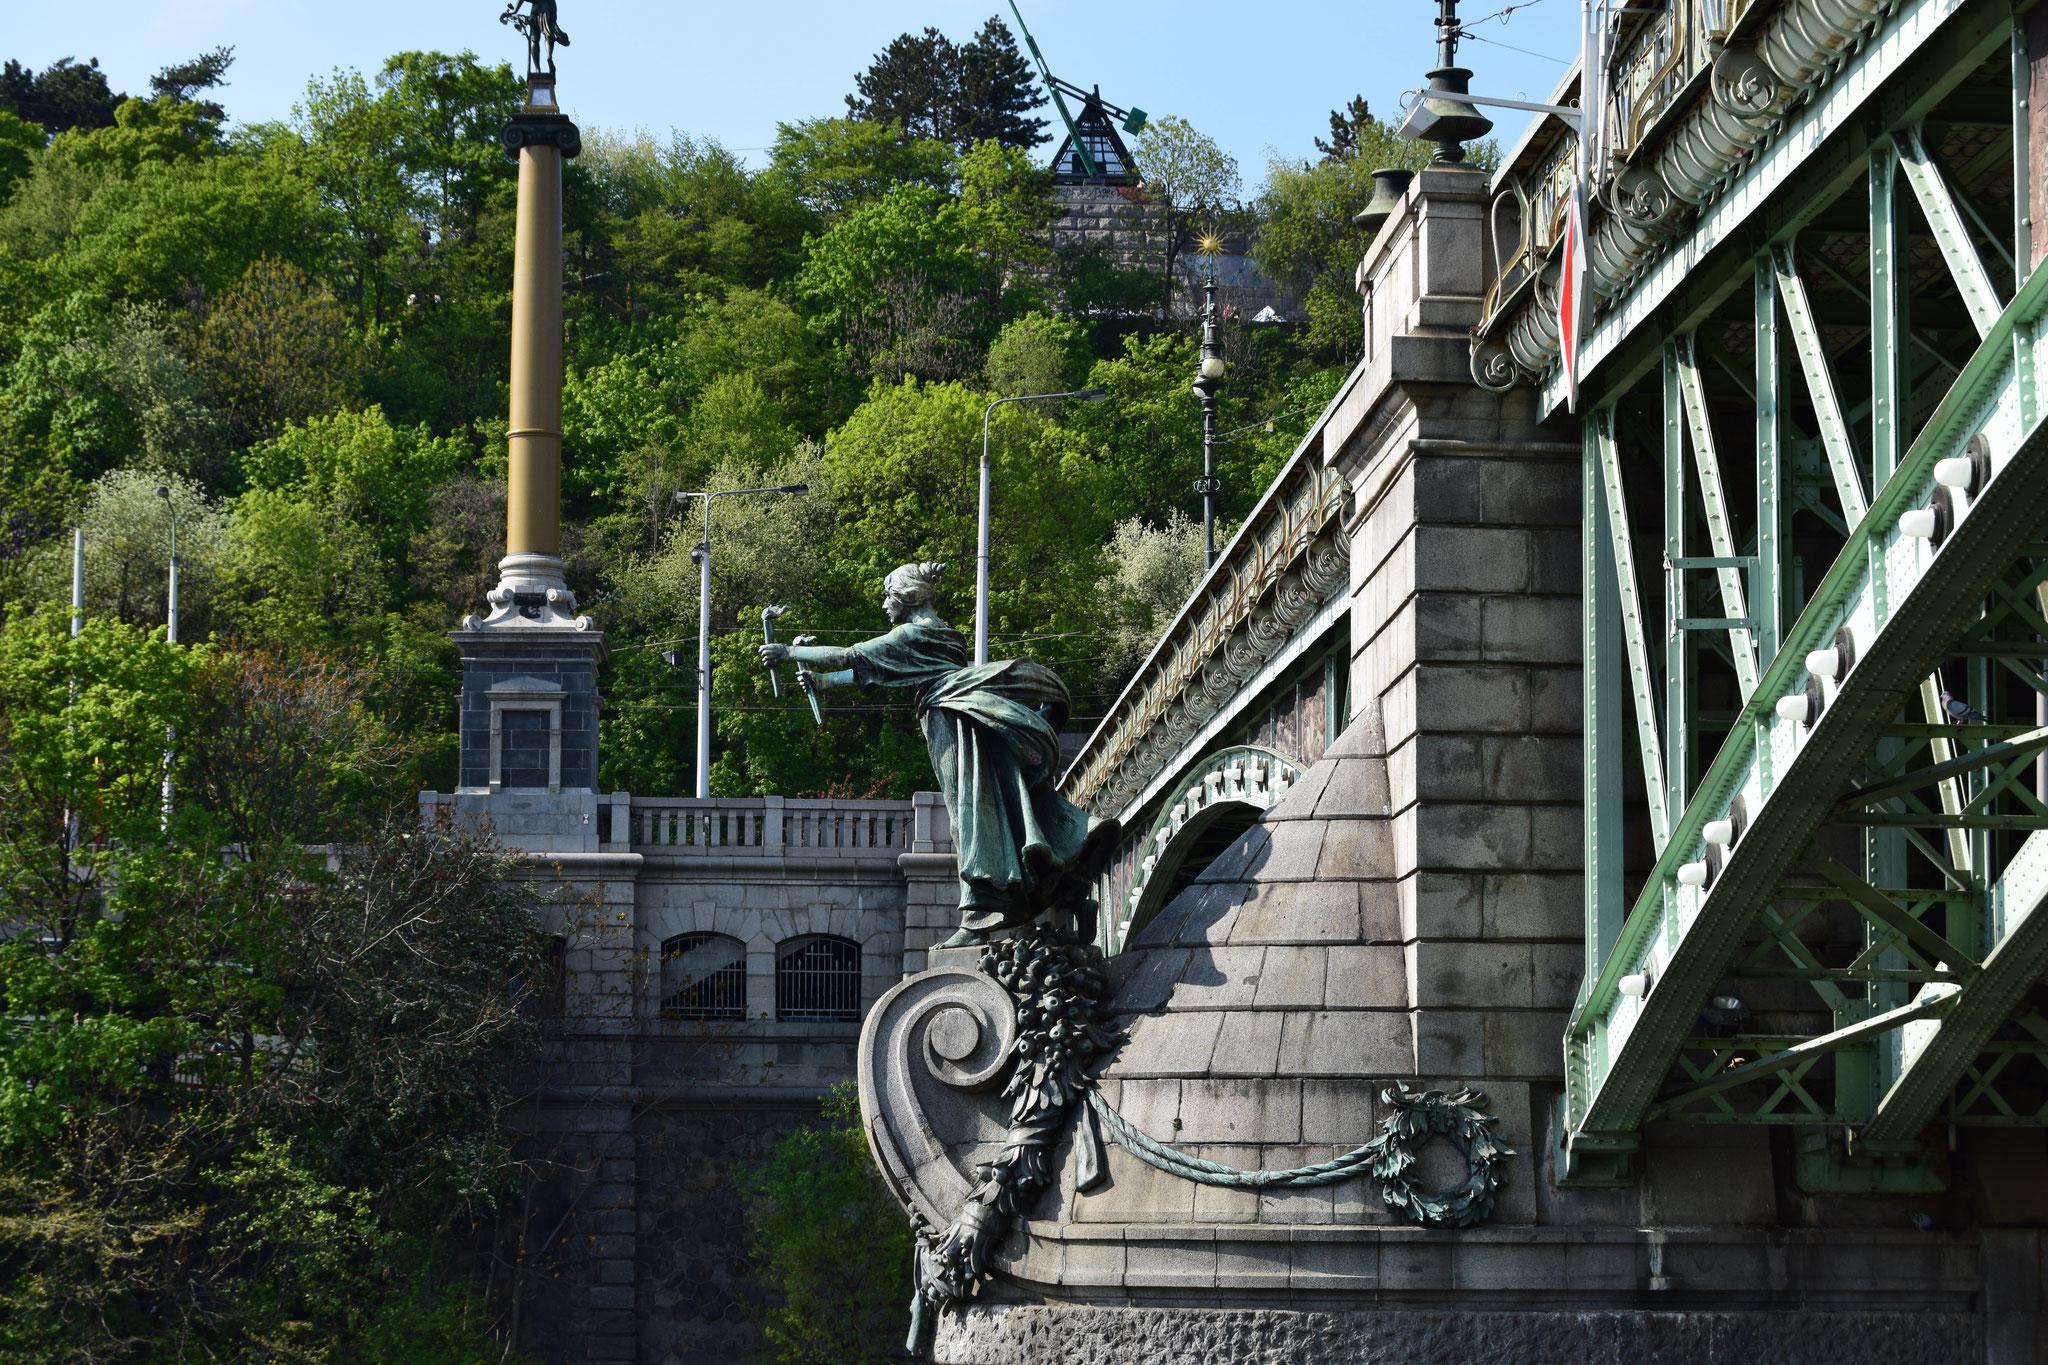 Jugendstilbrücke Chechuv most über die Moldau